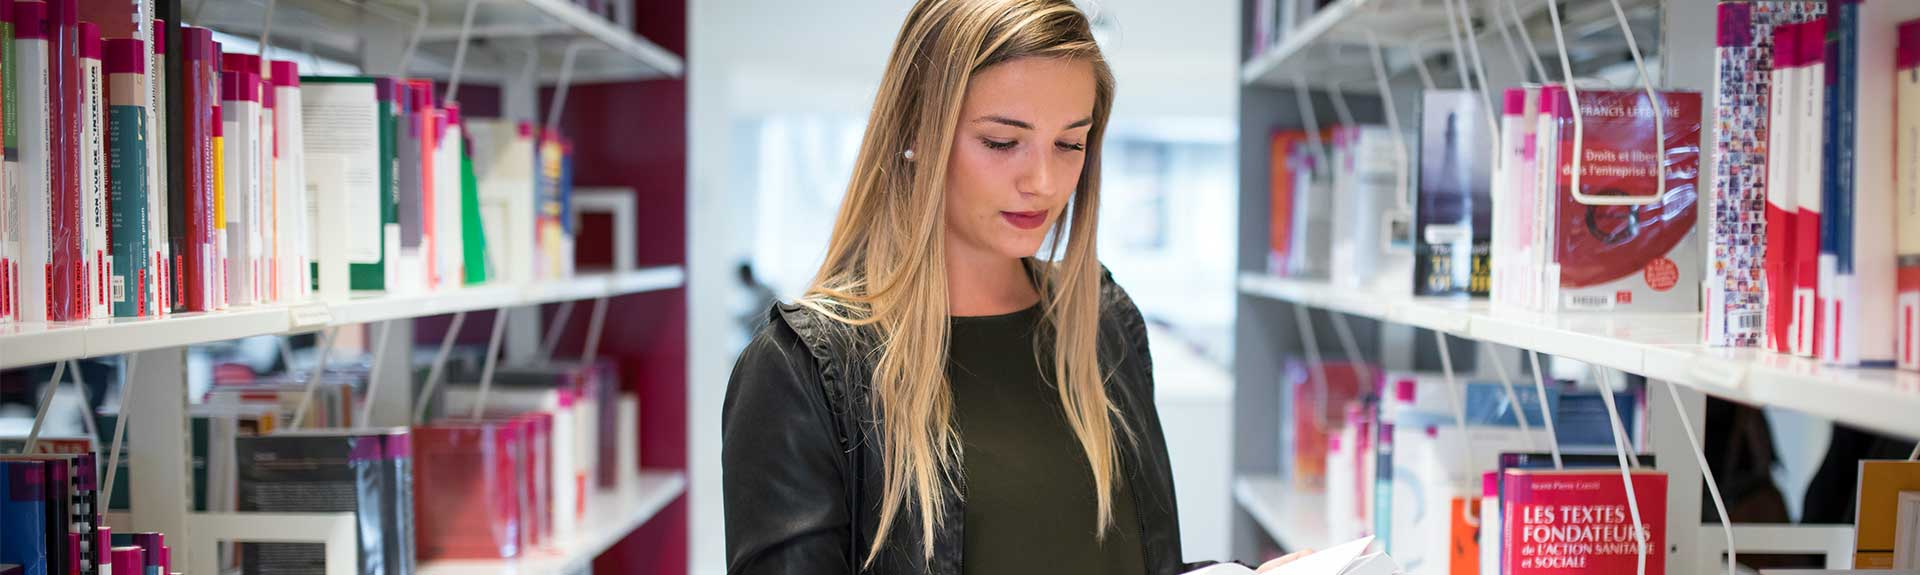 Une étudiante à la bibliothèque lisant un livre